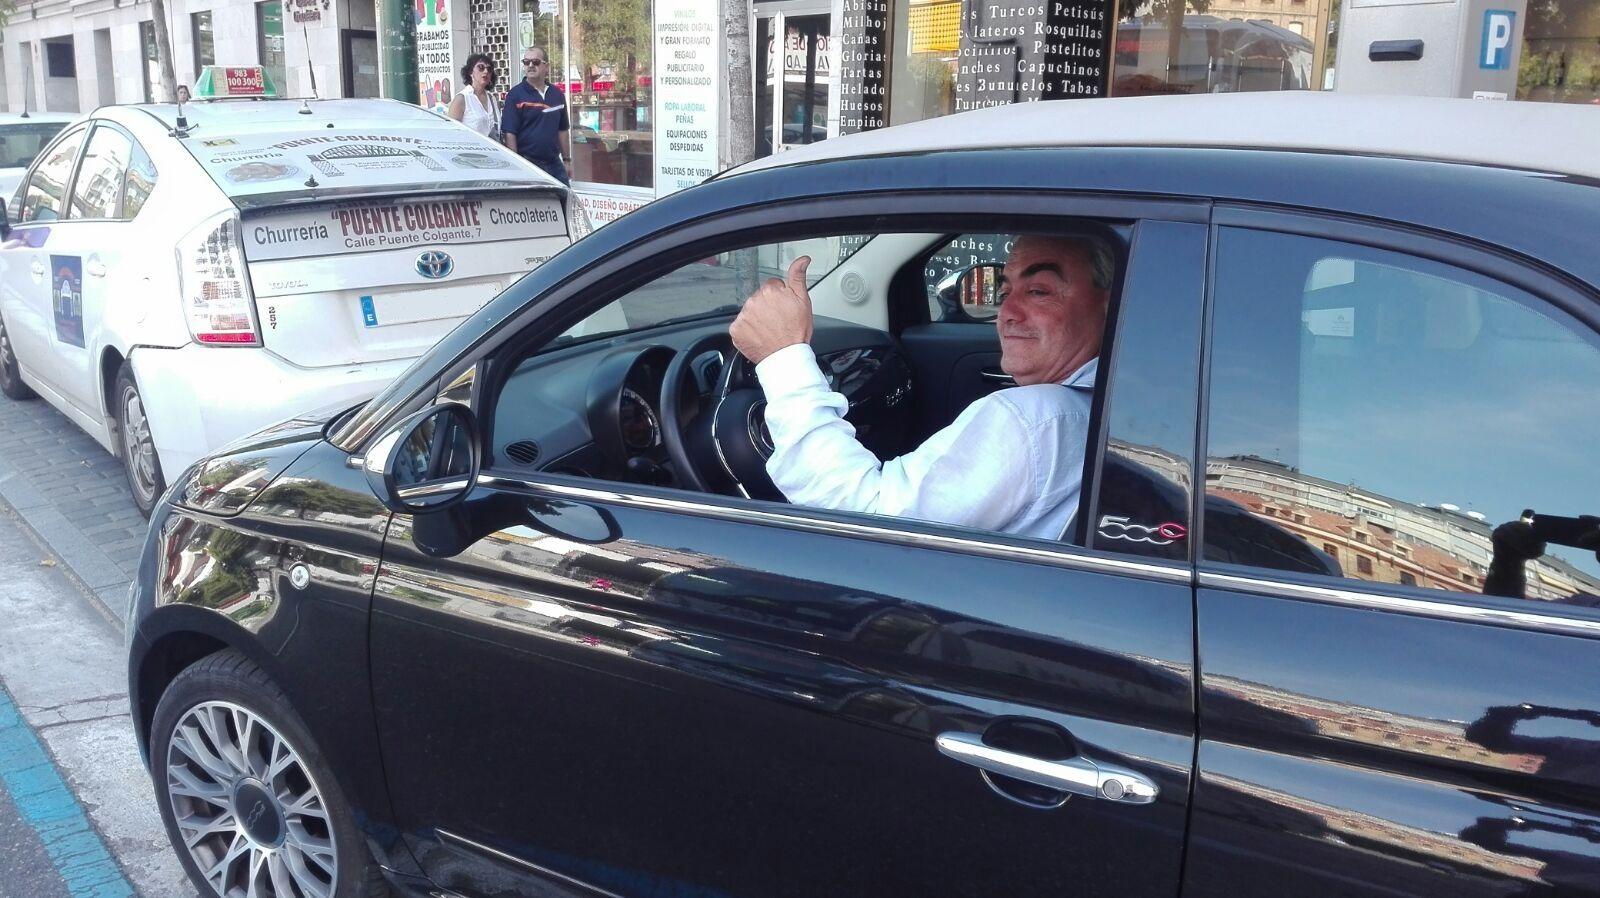 Entrega a Eugenio un Fiat 500 que se va Asturias.